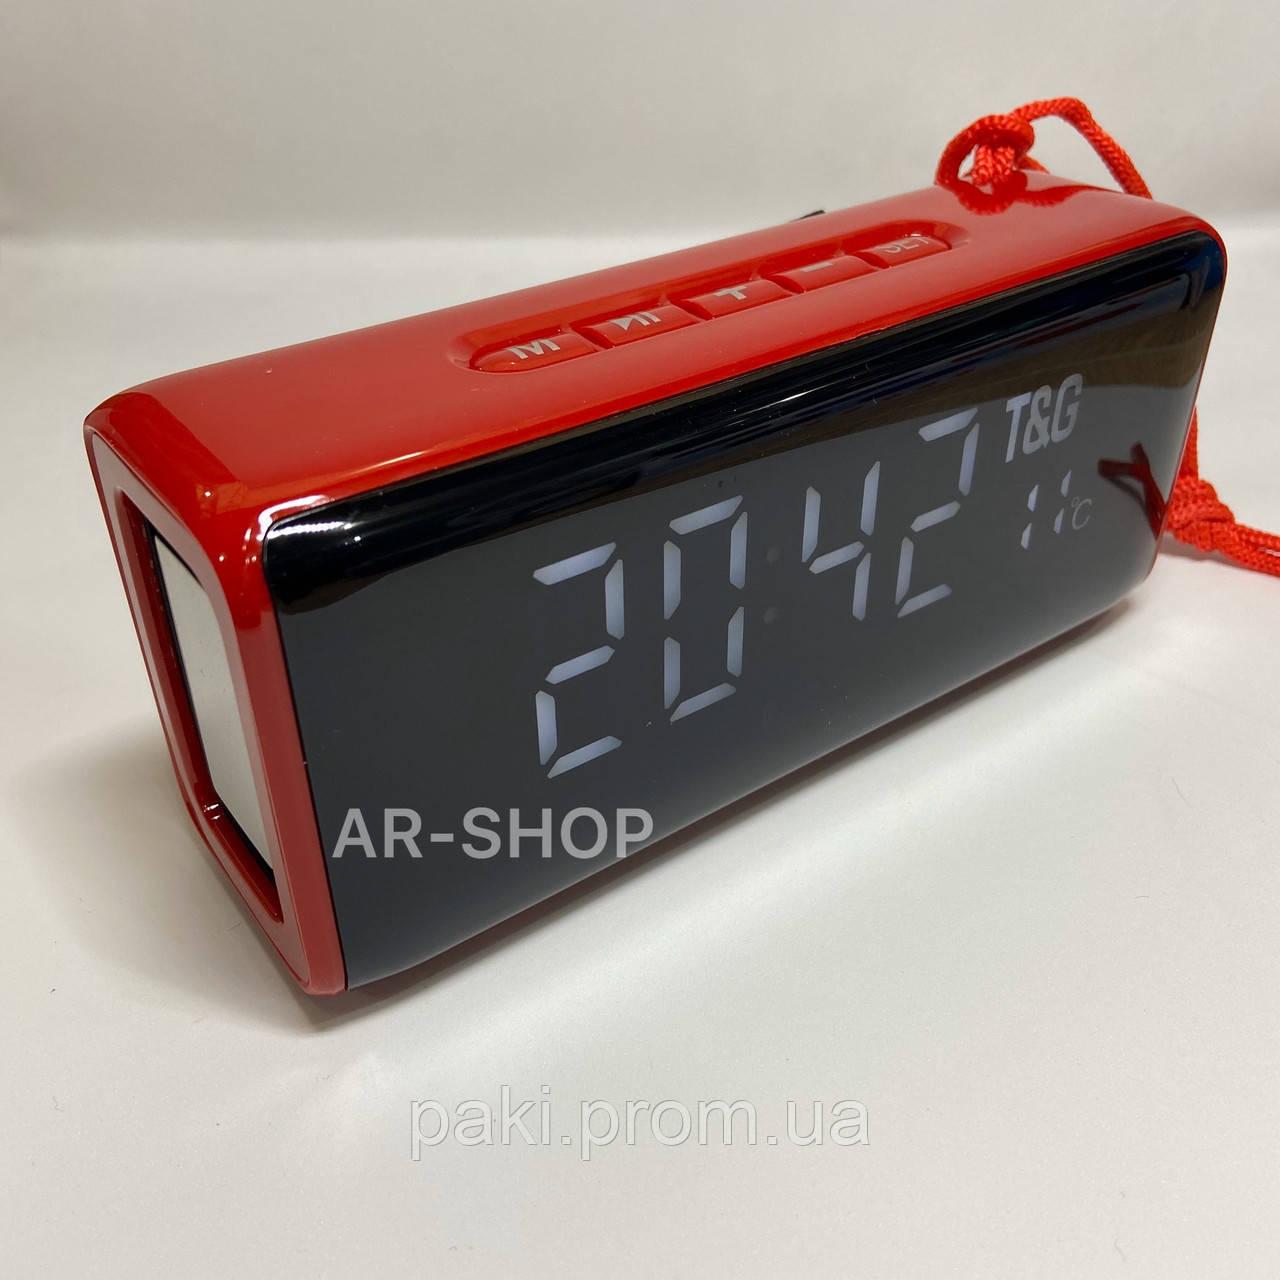 Беcпроводная портативная колонка T&G TG-174 с часами, радио и термометром (Красная)